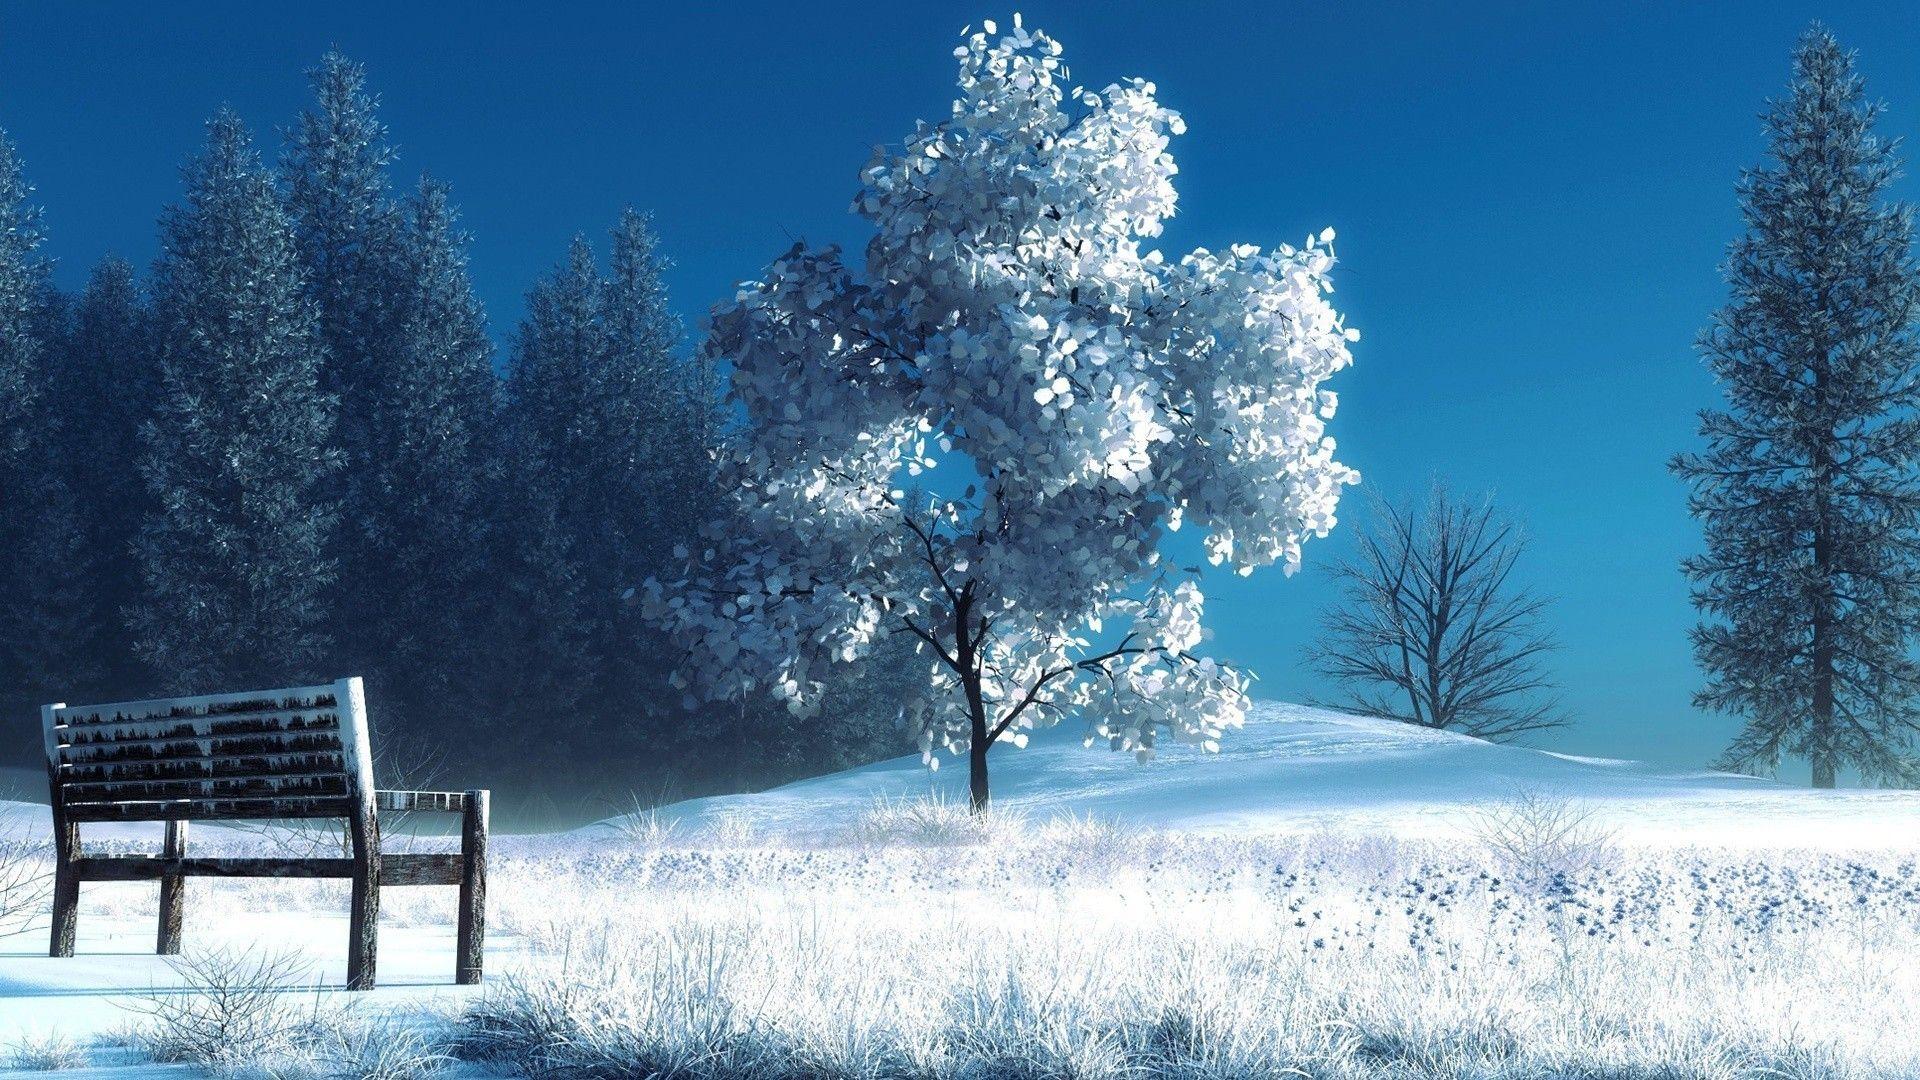 Winter Scene good wallpaper hd